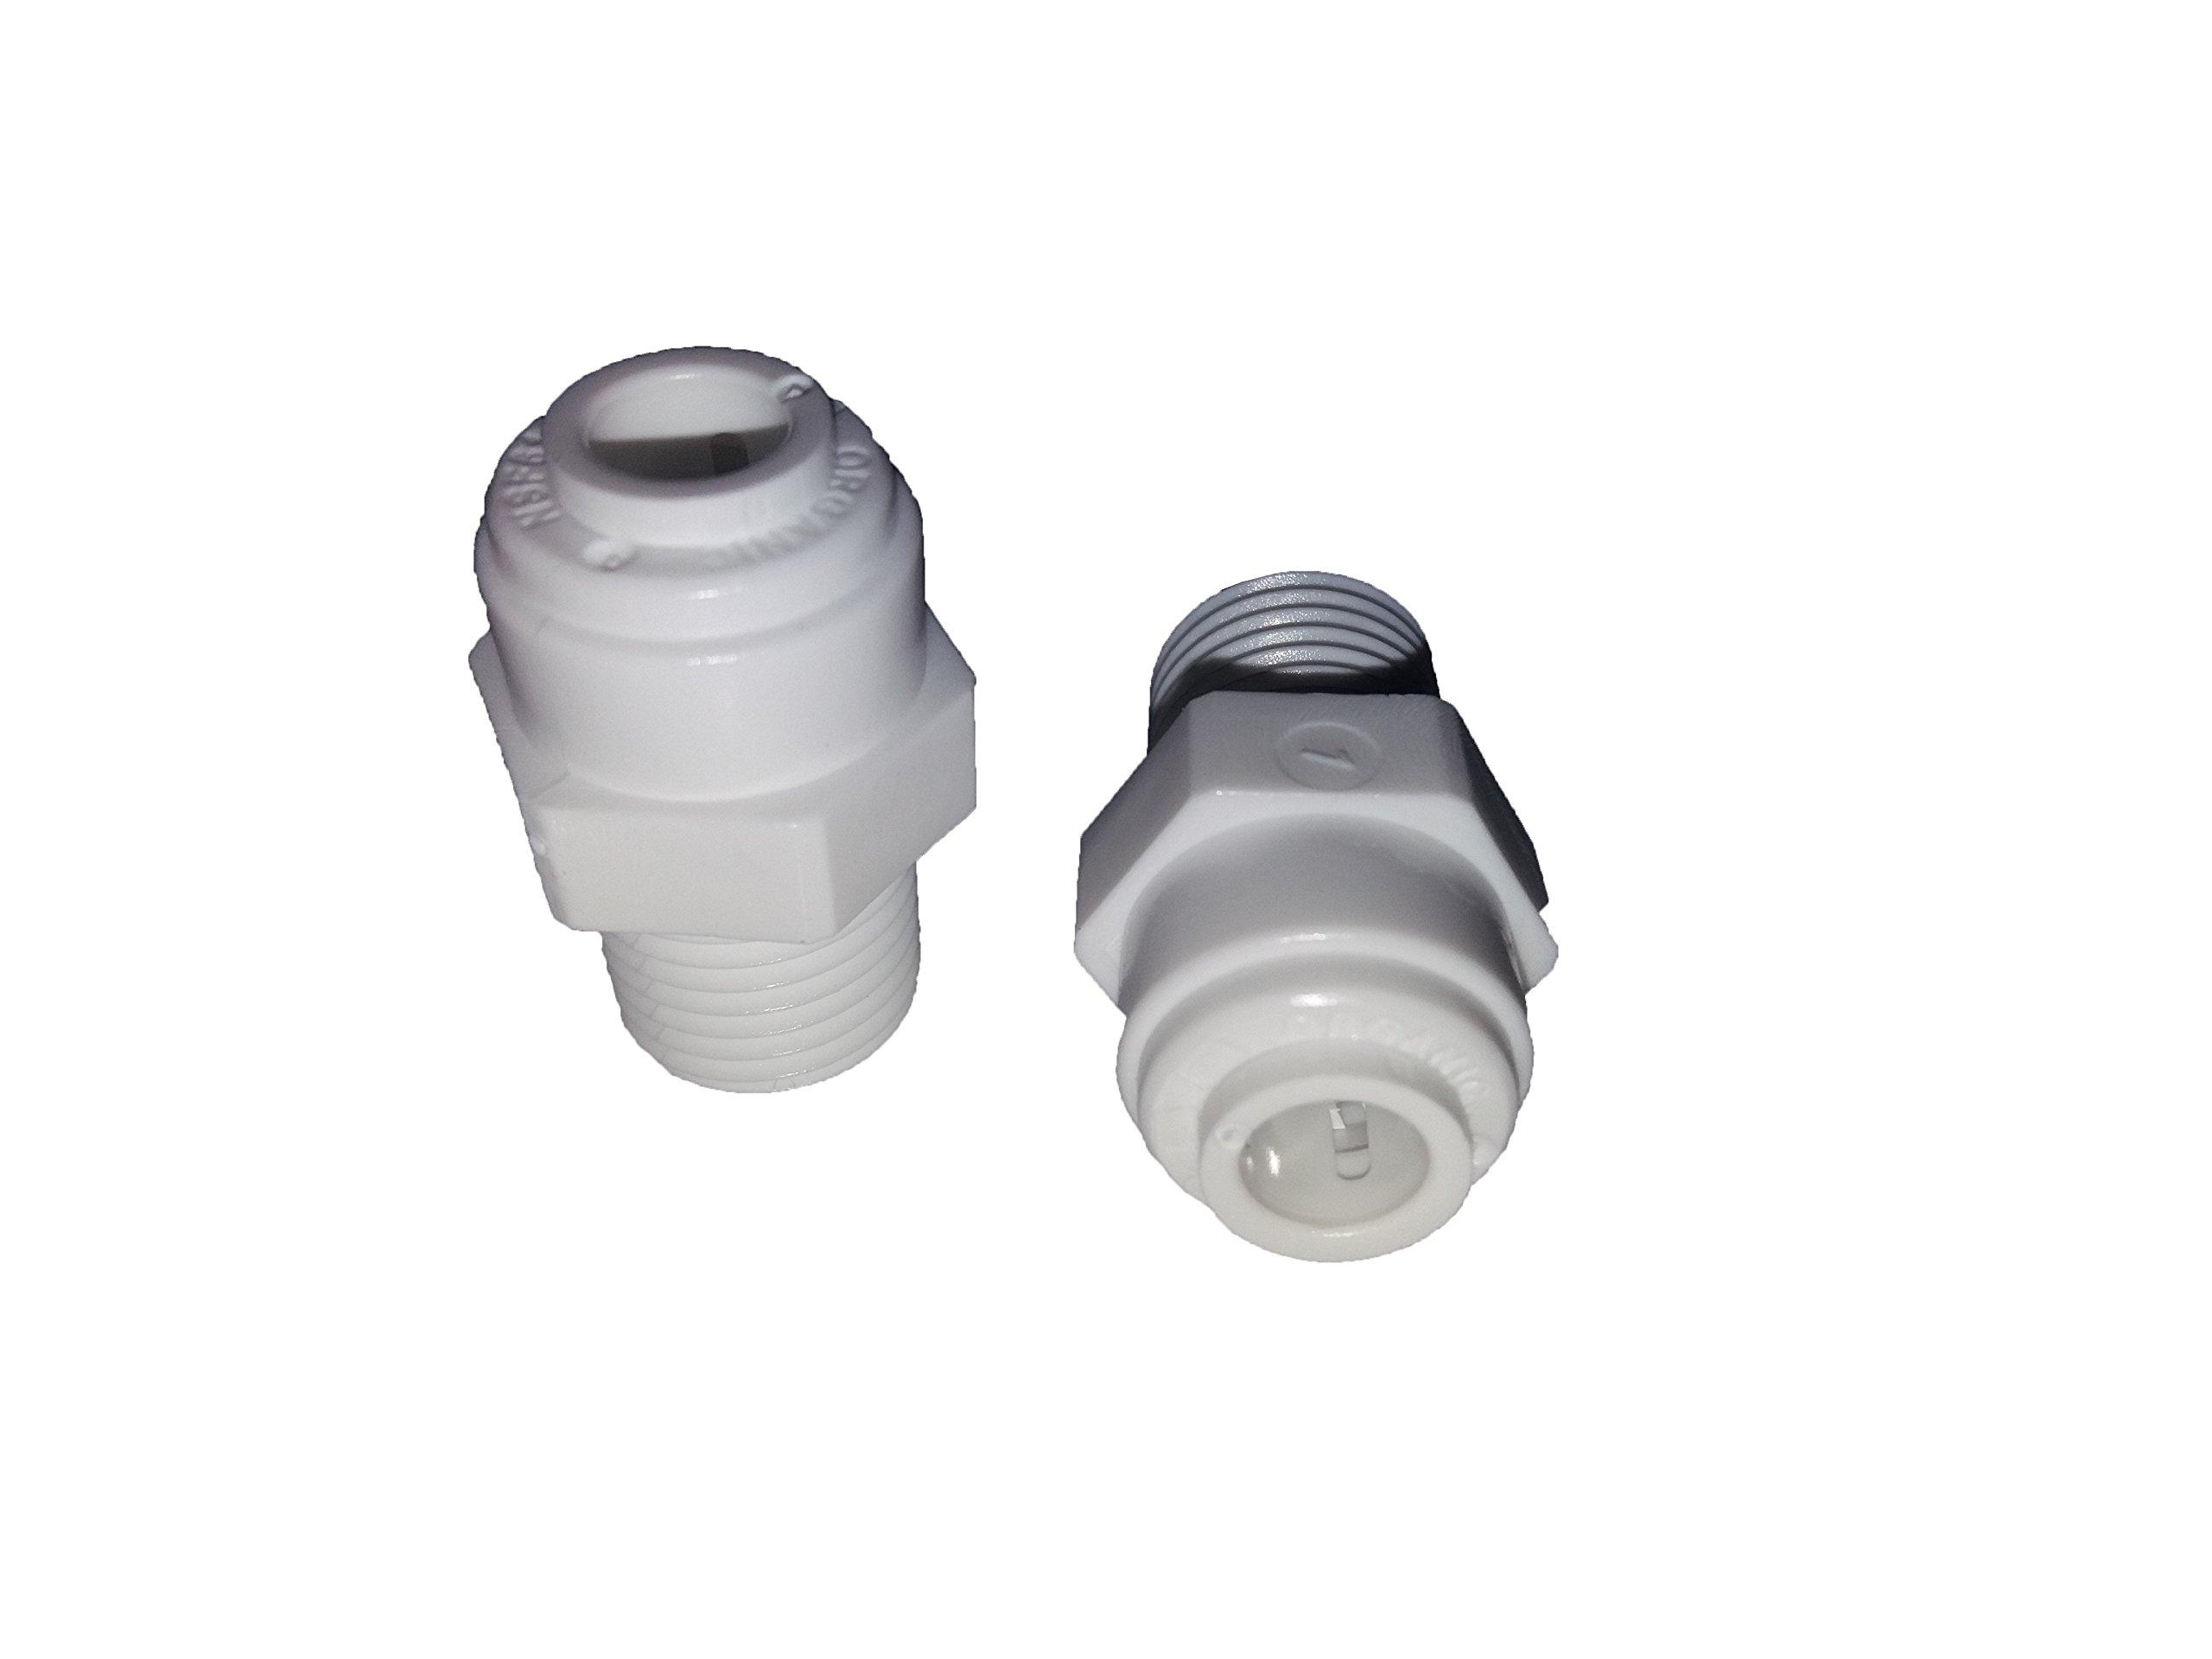 Repuesto kit recambio Ósmosis x2 Uds. Adaptador roscado Macho 1/4″ – Conexión rápida tubo Flex 1/4″.